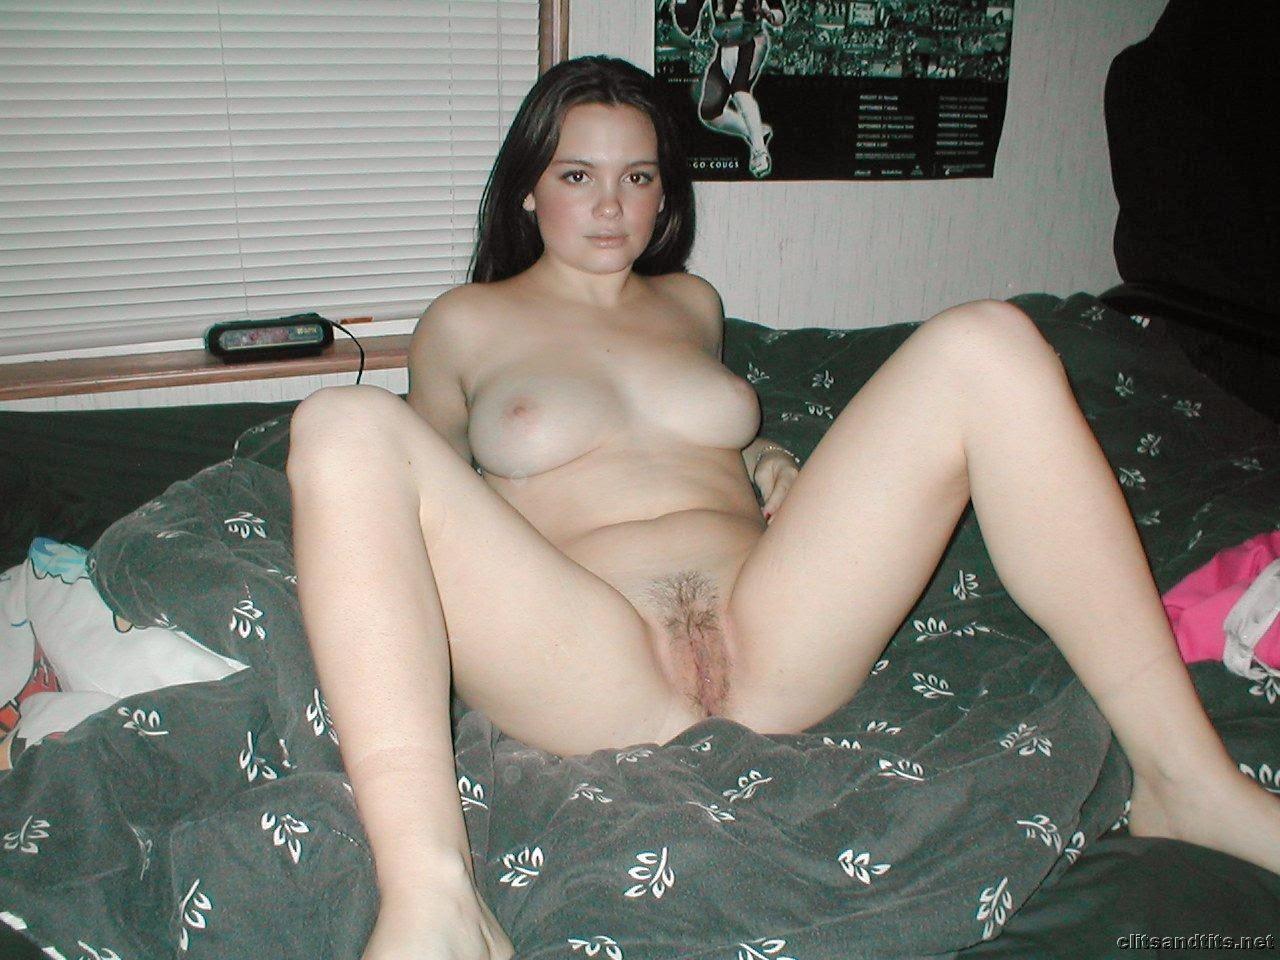 Фото личное девственниц, Фото писи девственницы Фото пизды крупно 3 фотография